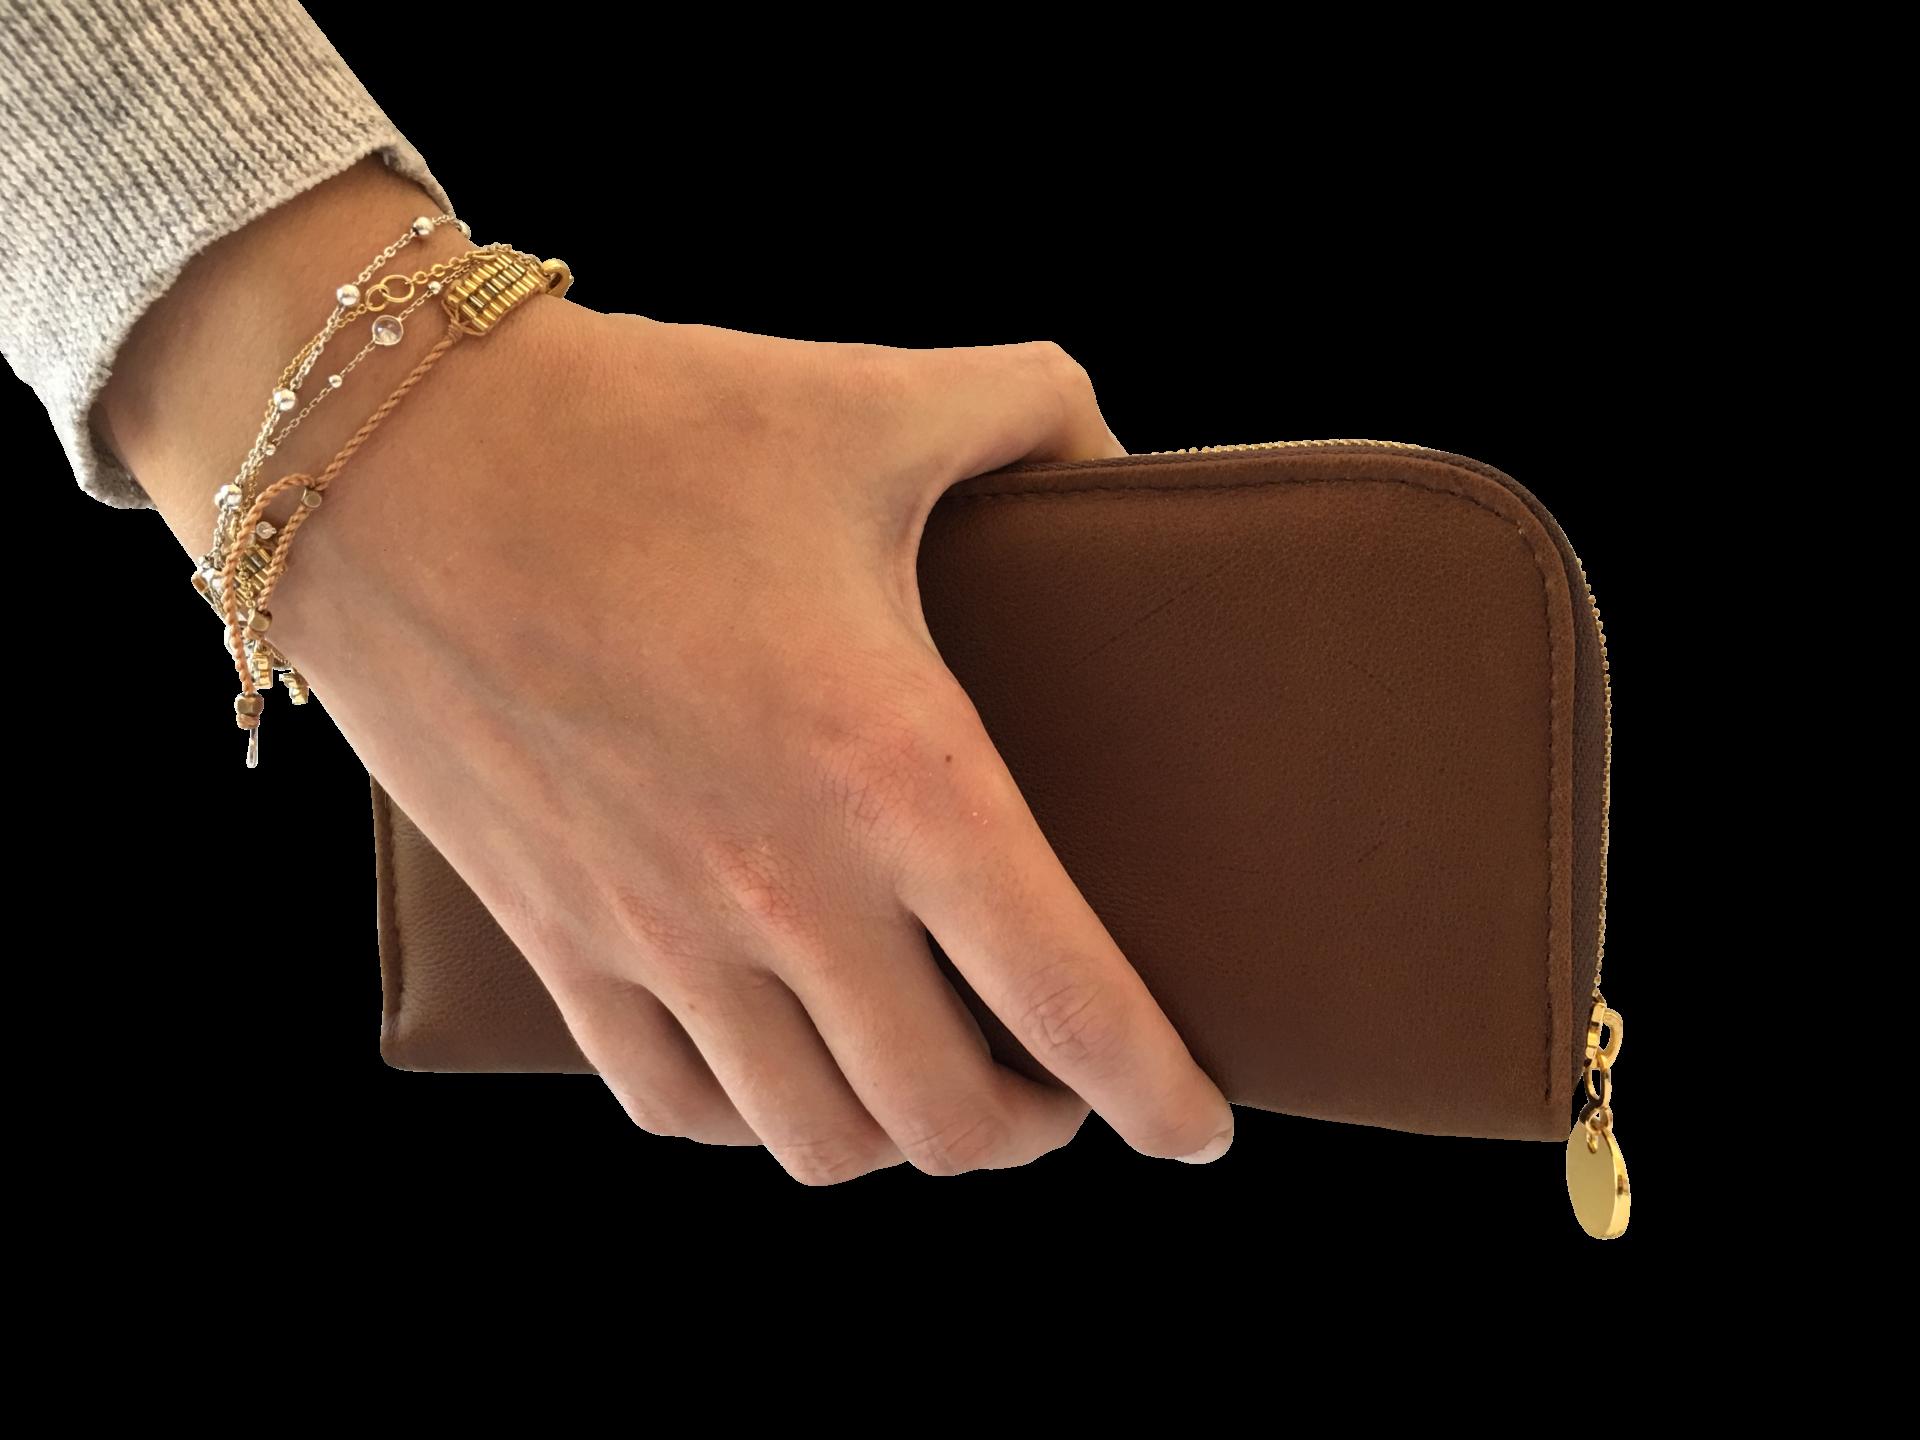 Brow Genuine leather ladies wallet